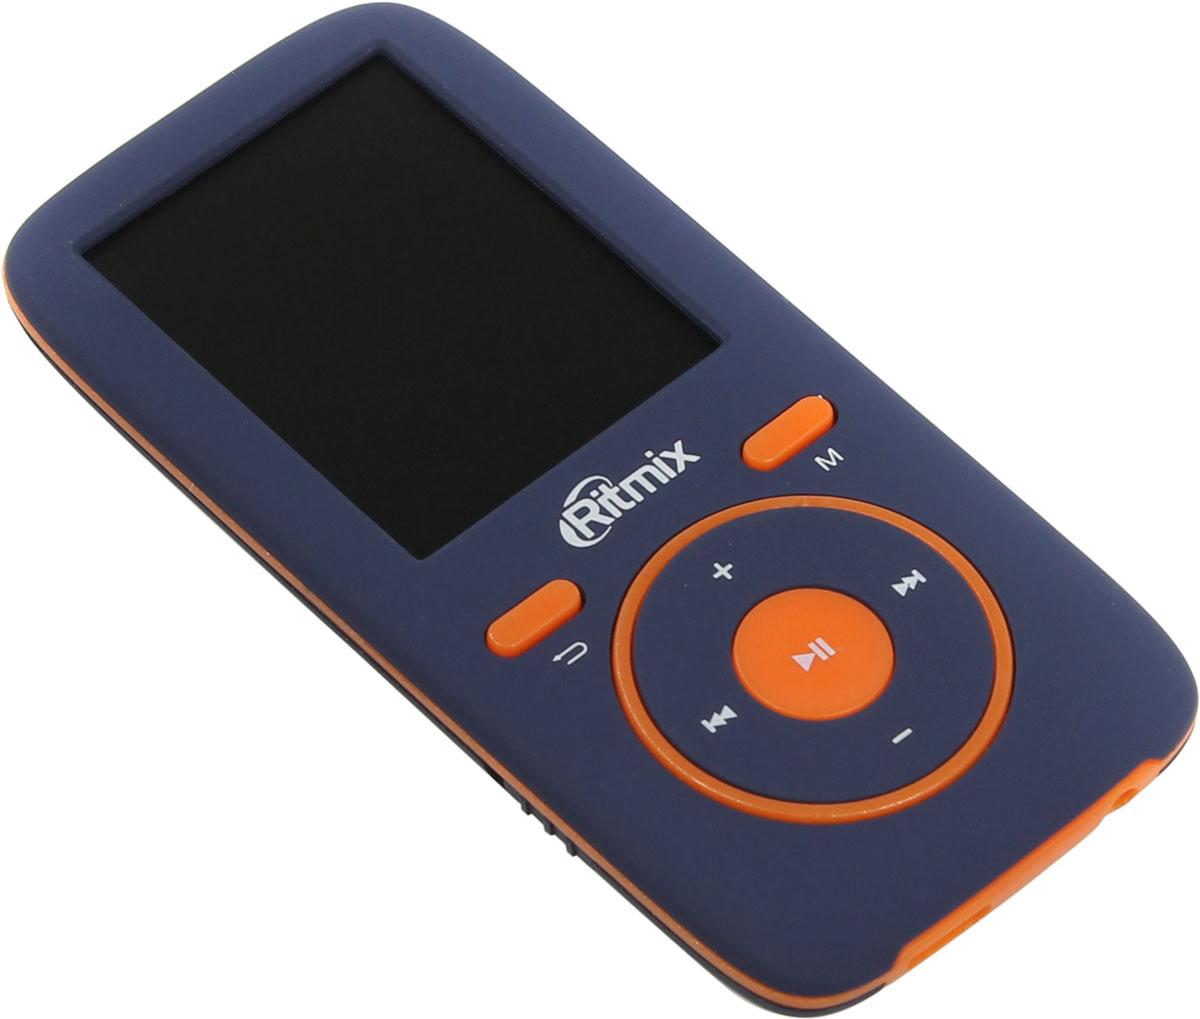 Ritmix RF-4450 4GB, Blue Orange MP3-плеер15118490Ritmix RF-4450 - это доступный эргономичный плеер, поддерживающий все виды мультимедиа: музыку, радио, диктофон, фото и текст. Устройство обеспечивает высококачественное звучание, помимо стандартных форматов оно воспроизводит и такие Lossless-форматы, как FLAC и APE. Также доступно несколько настроек эквалайзера.Плеер выполнен из приятного на ощупь материала Soft Touch и представлен в нескольких цветовых решениях.Эргономичный и легкий мультимедиа плеерПростое и интуитивно понятное управлениеВсе необходимые функции в компактном корпусе: музыка, радио, диктофон, фото, текстВысокое качество звучания, поддержка Lossless-форматов (FLAC, APE)Несколько настроек эквалайзераВстроенная память + разъём для карты памяти MicroSD позволяют сохранить множество любимых песенПриятный на ощупь материал корпуса Soft TouchНесколько интересных цветовых решений на выборАвтоматическое отключение по таймеруСистемные требования: Windows 2000/ME/XP/VISTA/7/8/10, Mac OS X 10.0 и вышеMicroSD до 16 Гб